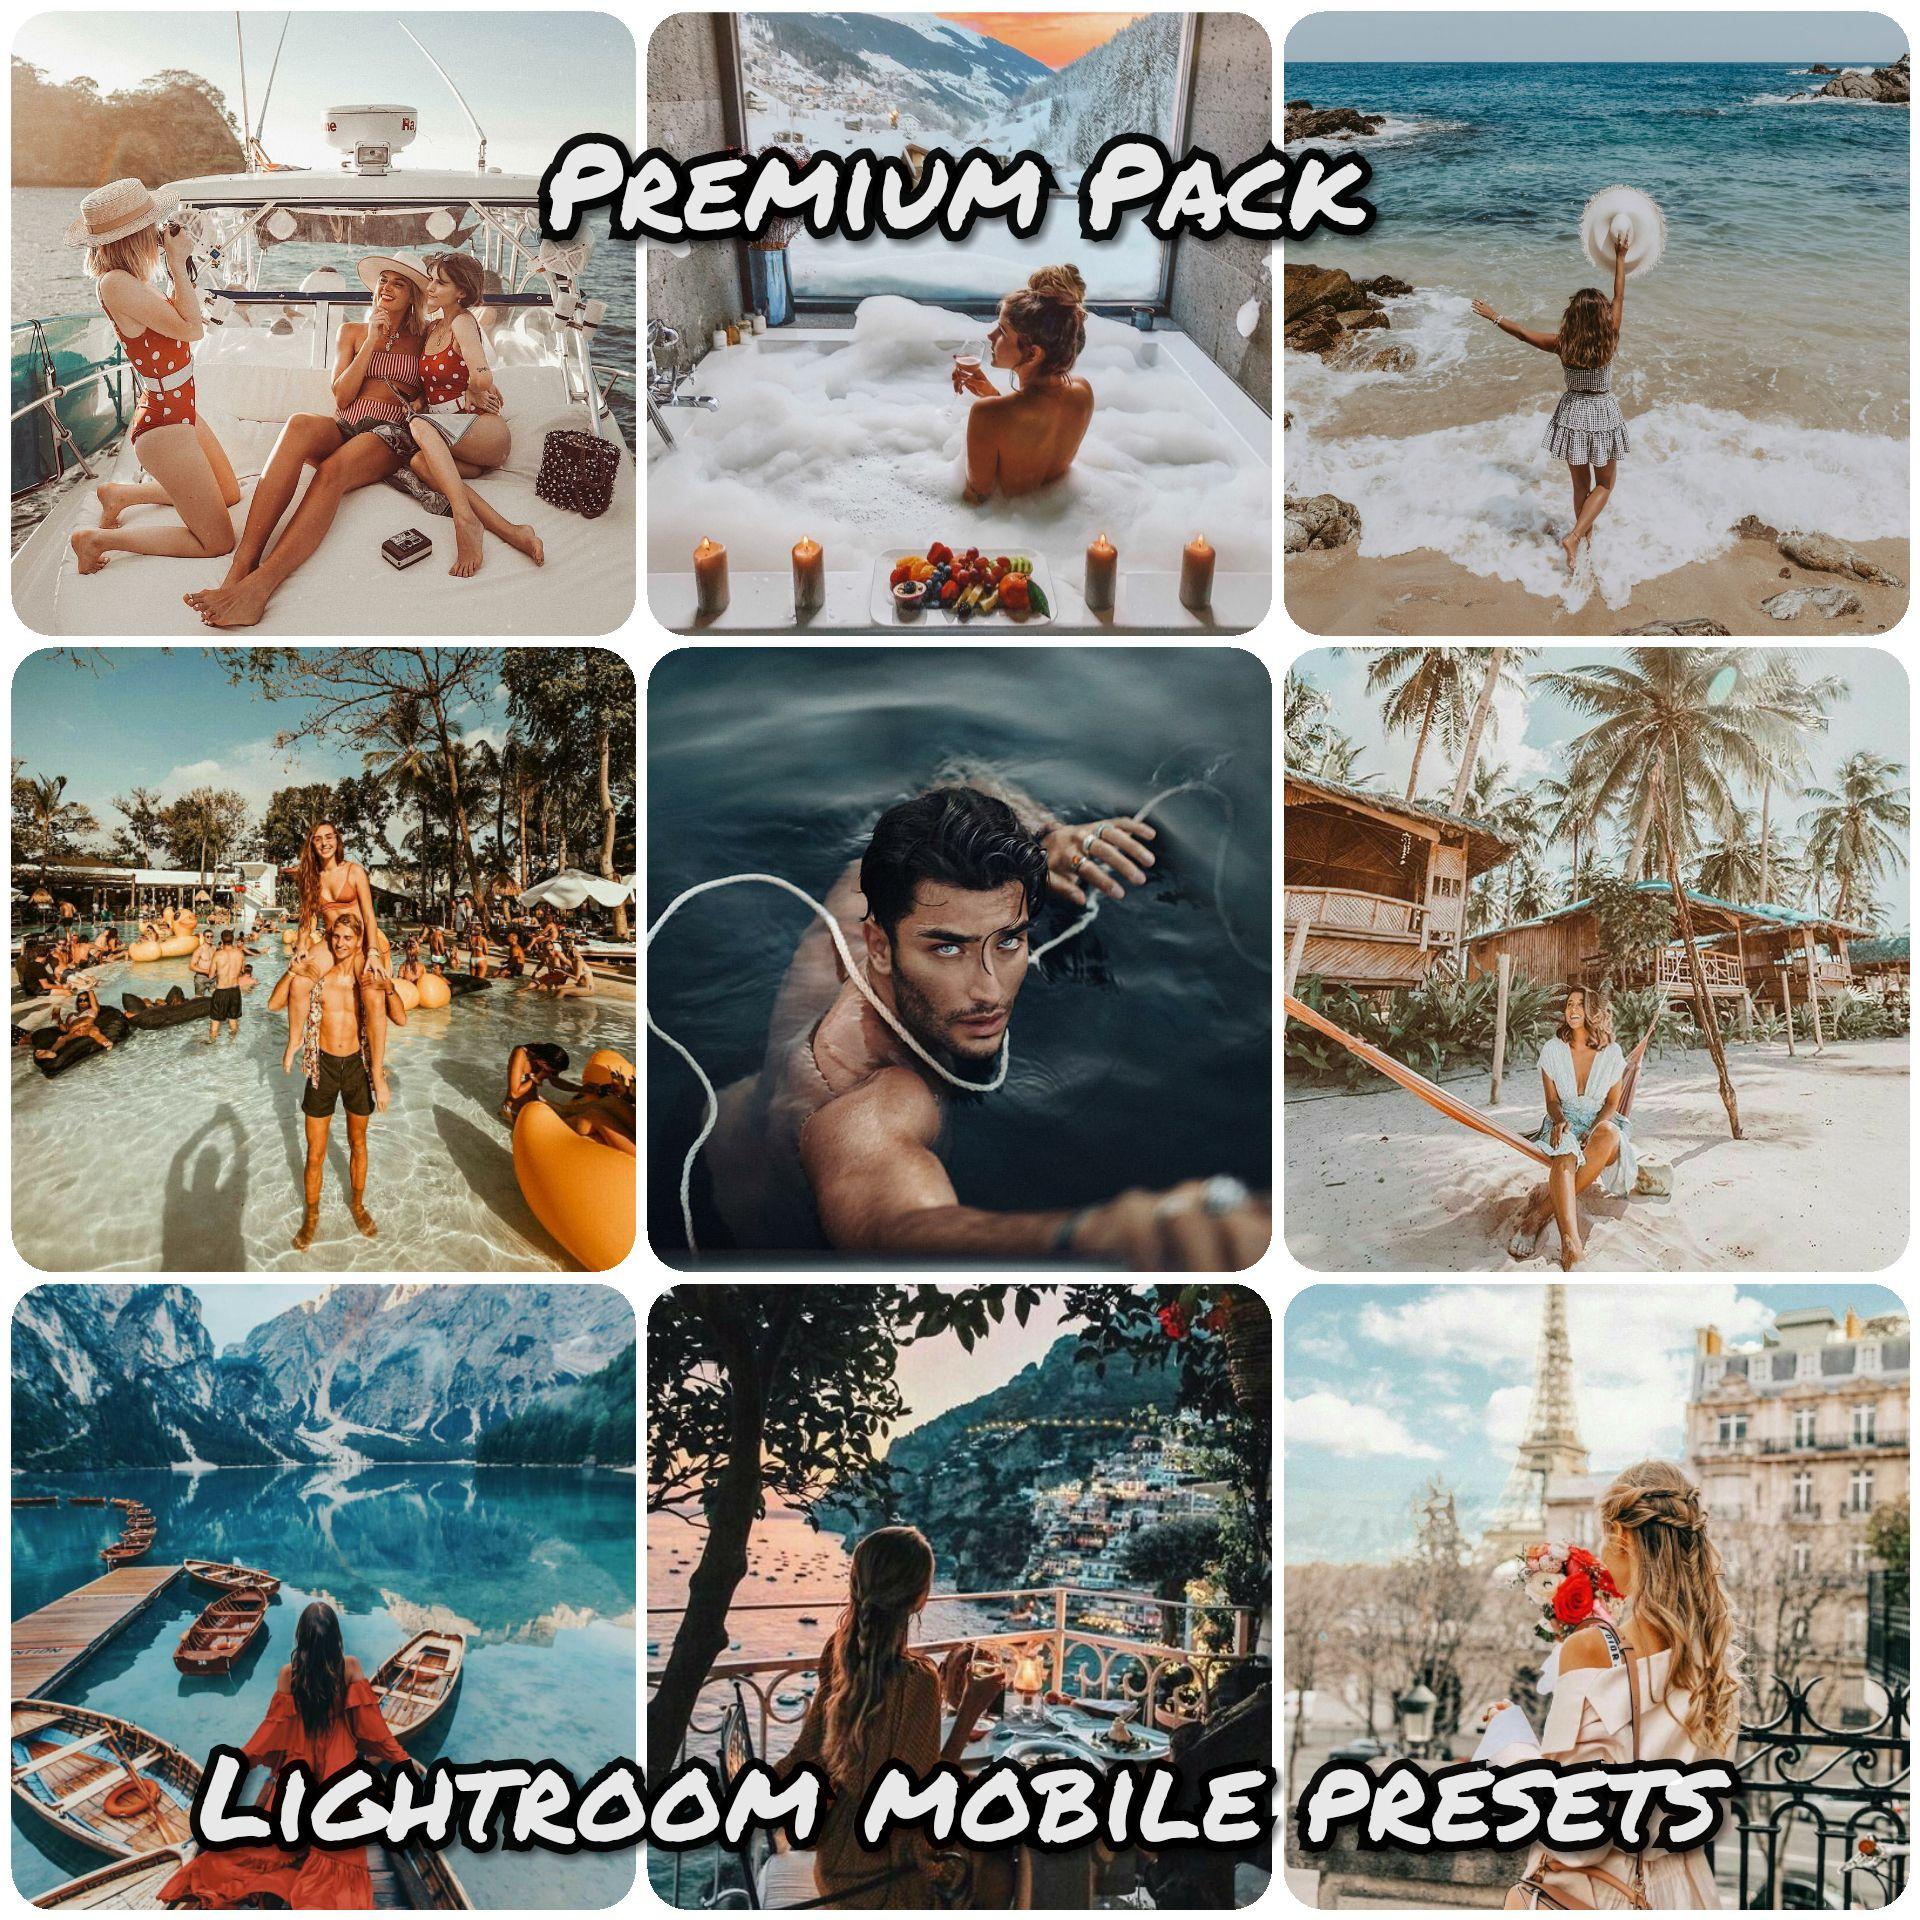 Premium Presets Pack For Lightroom Mobile Lightroom Presets Download Lightroom Best Free Lightroom Presets